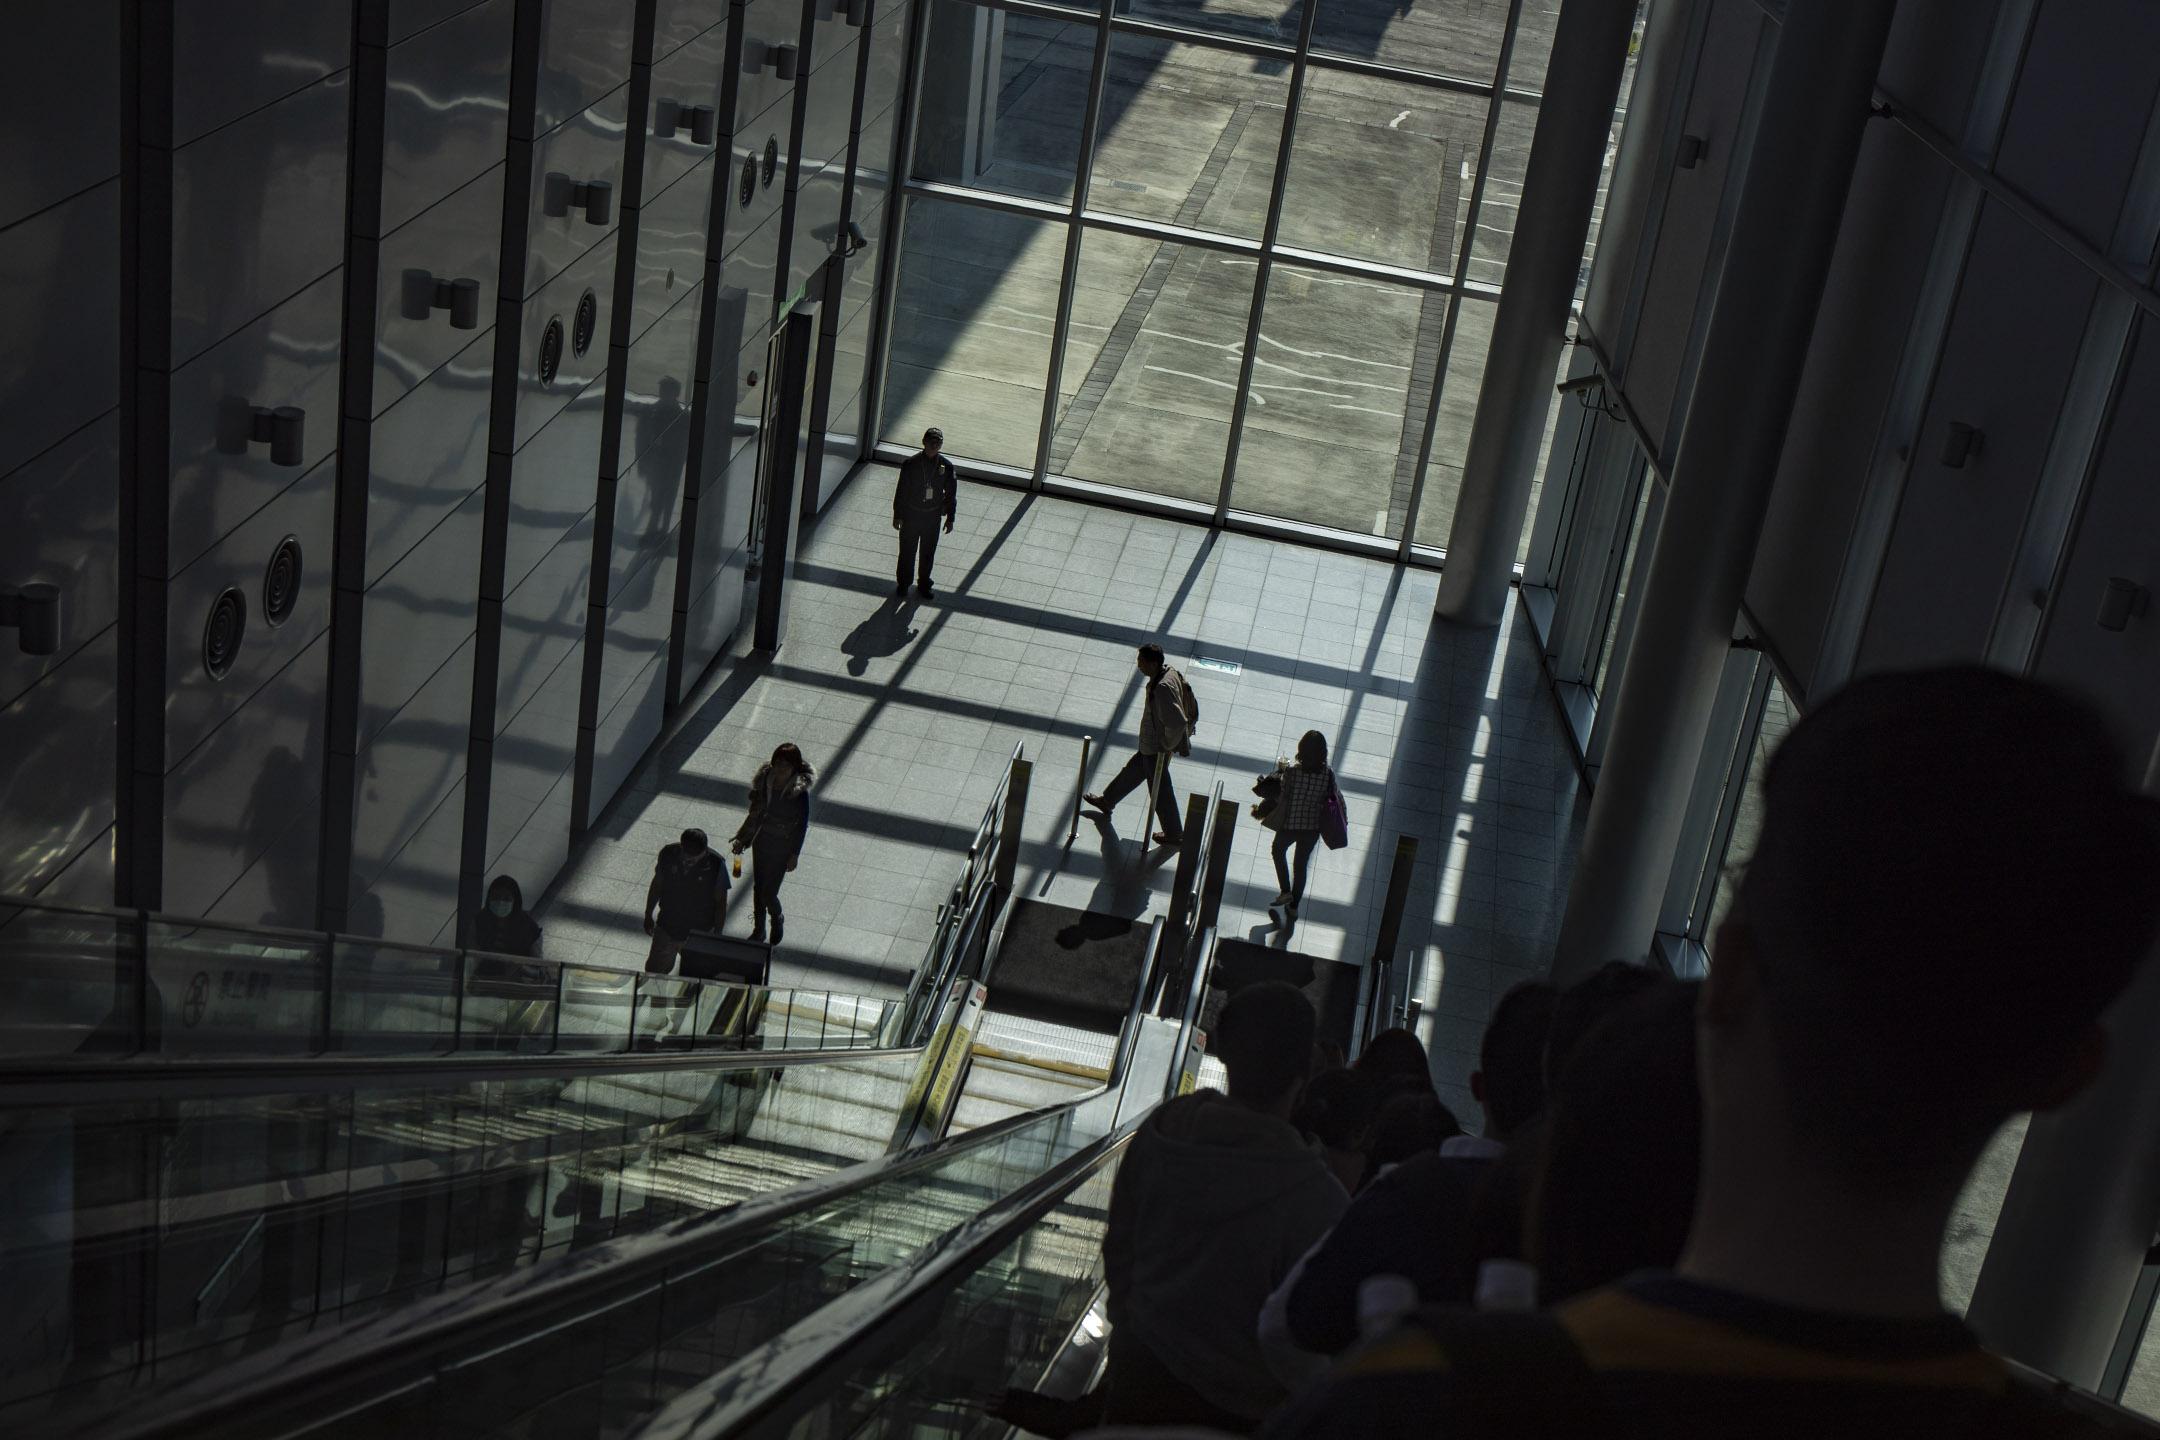 2019年12月22日,嘉義高鐵站。